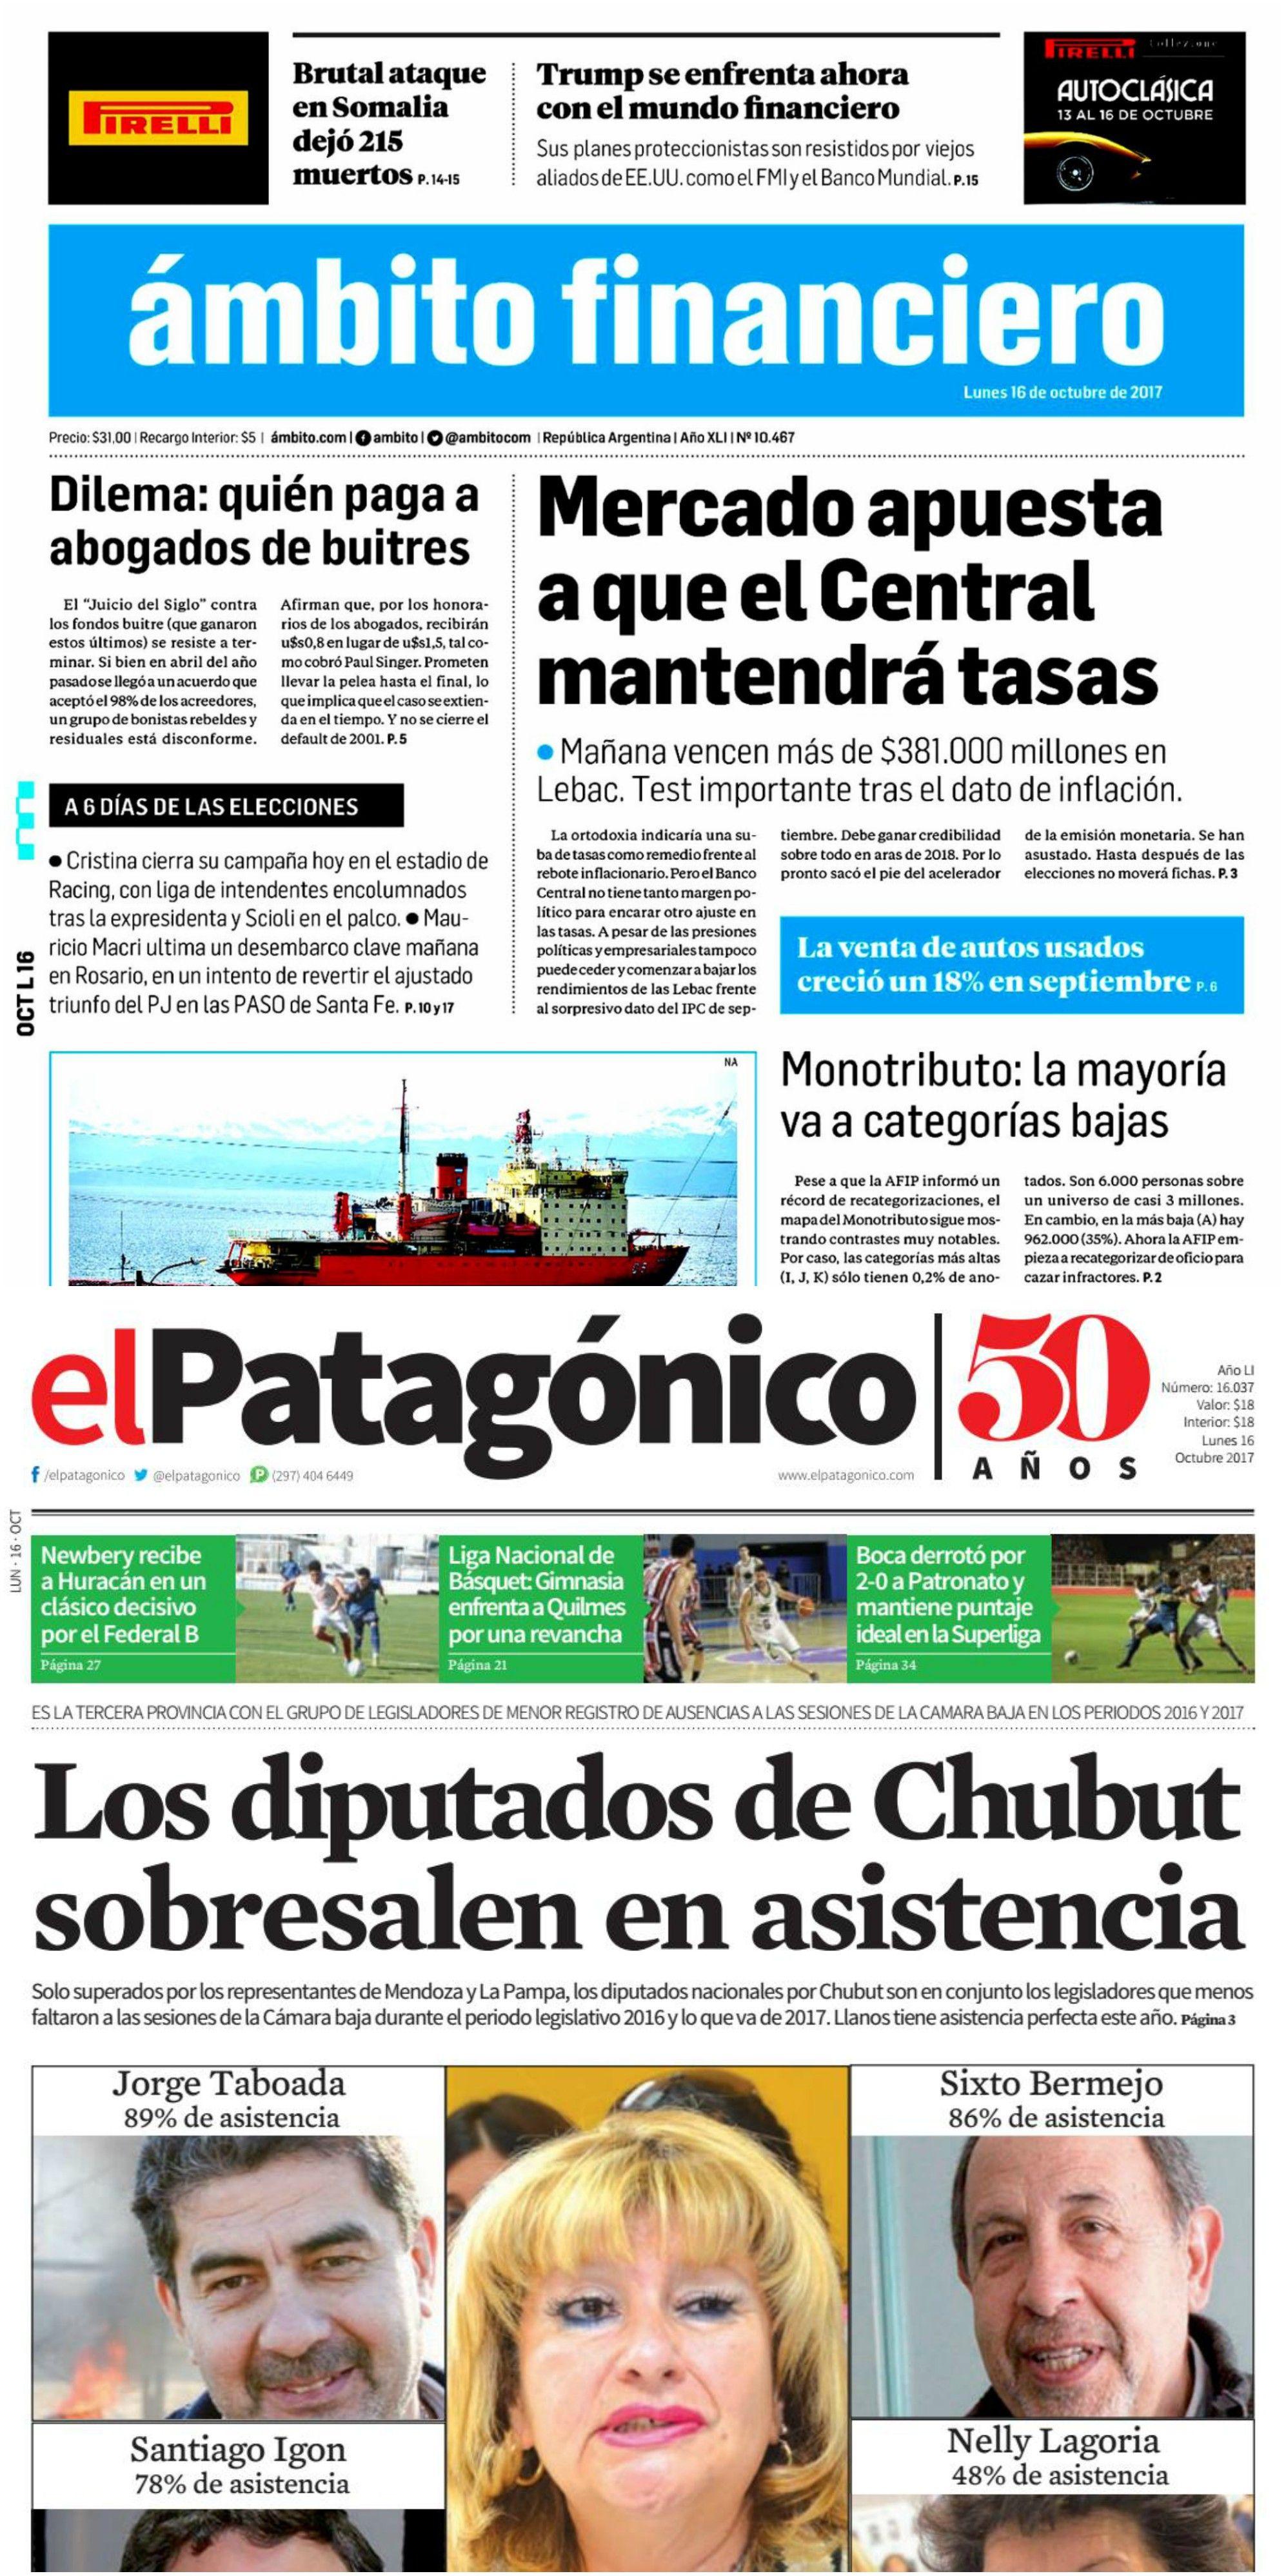 Tapas de diarios del lunes 16 de octubre de 2017